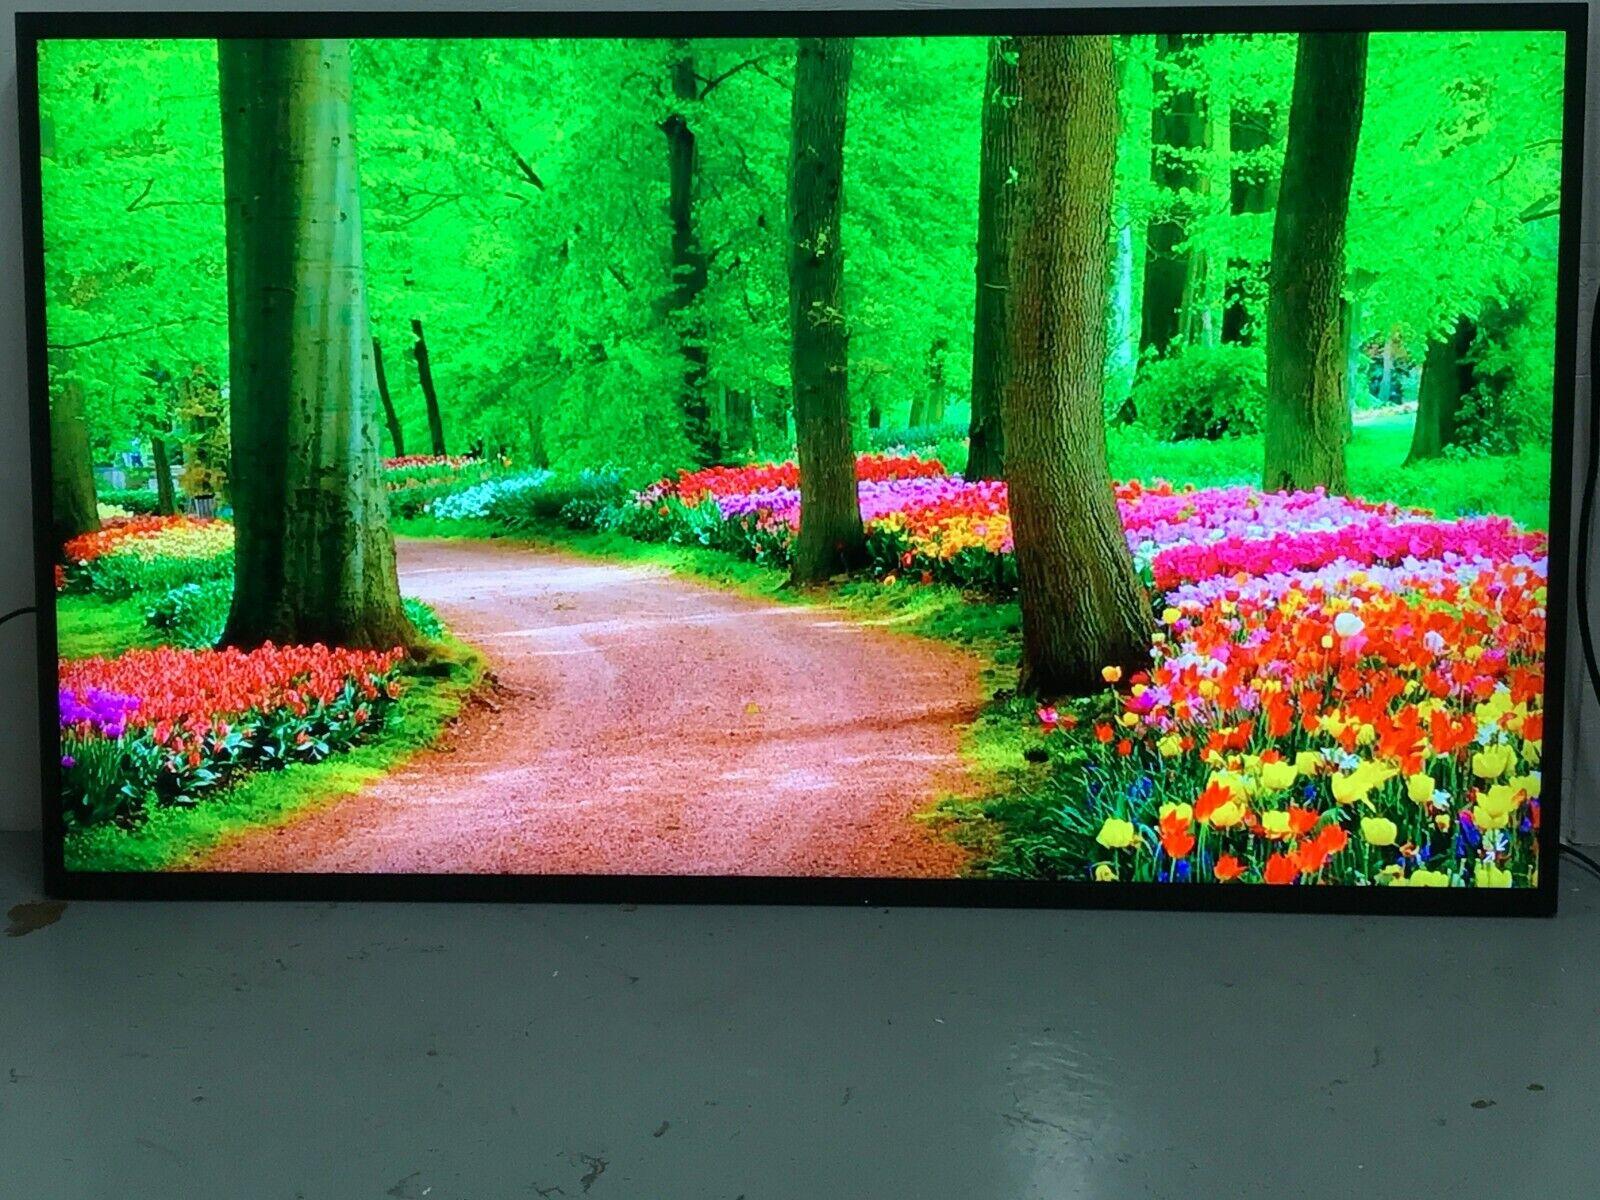 """Panasonic 70"""" LED LCD Display (1080p) ✅❤️️✅❤️️"""